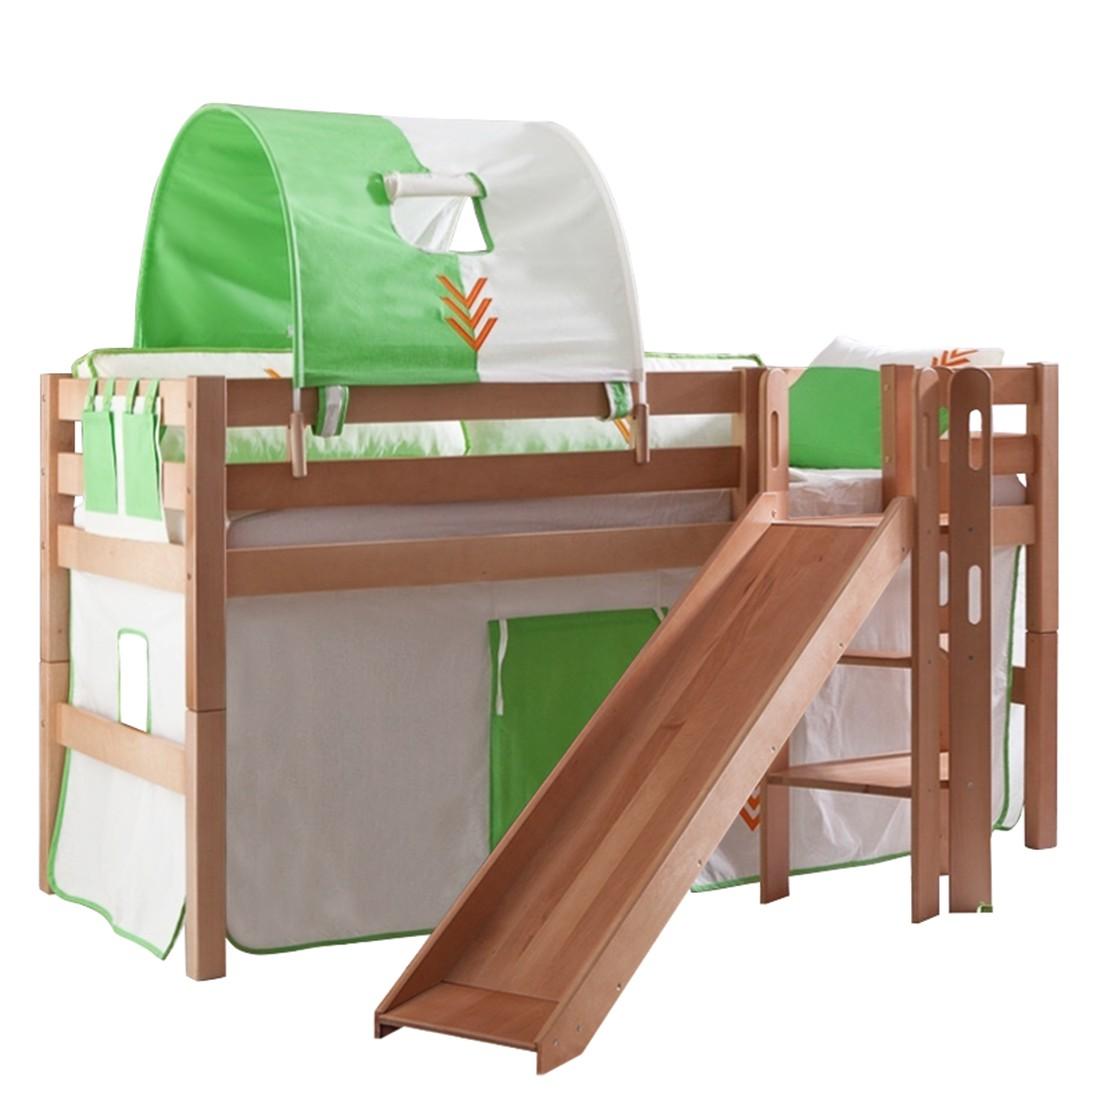 Spielbett Eliyas - mit Rutsche, Vorhang, Tunnel und Tasche - Buche natur/Textil Indianer, Relita